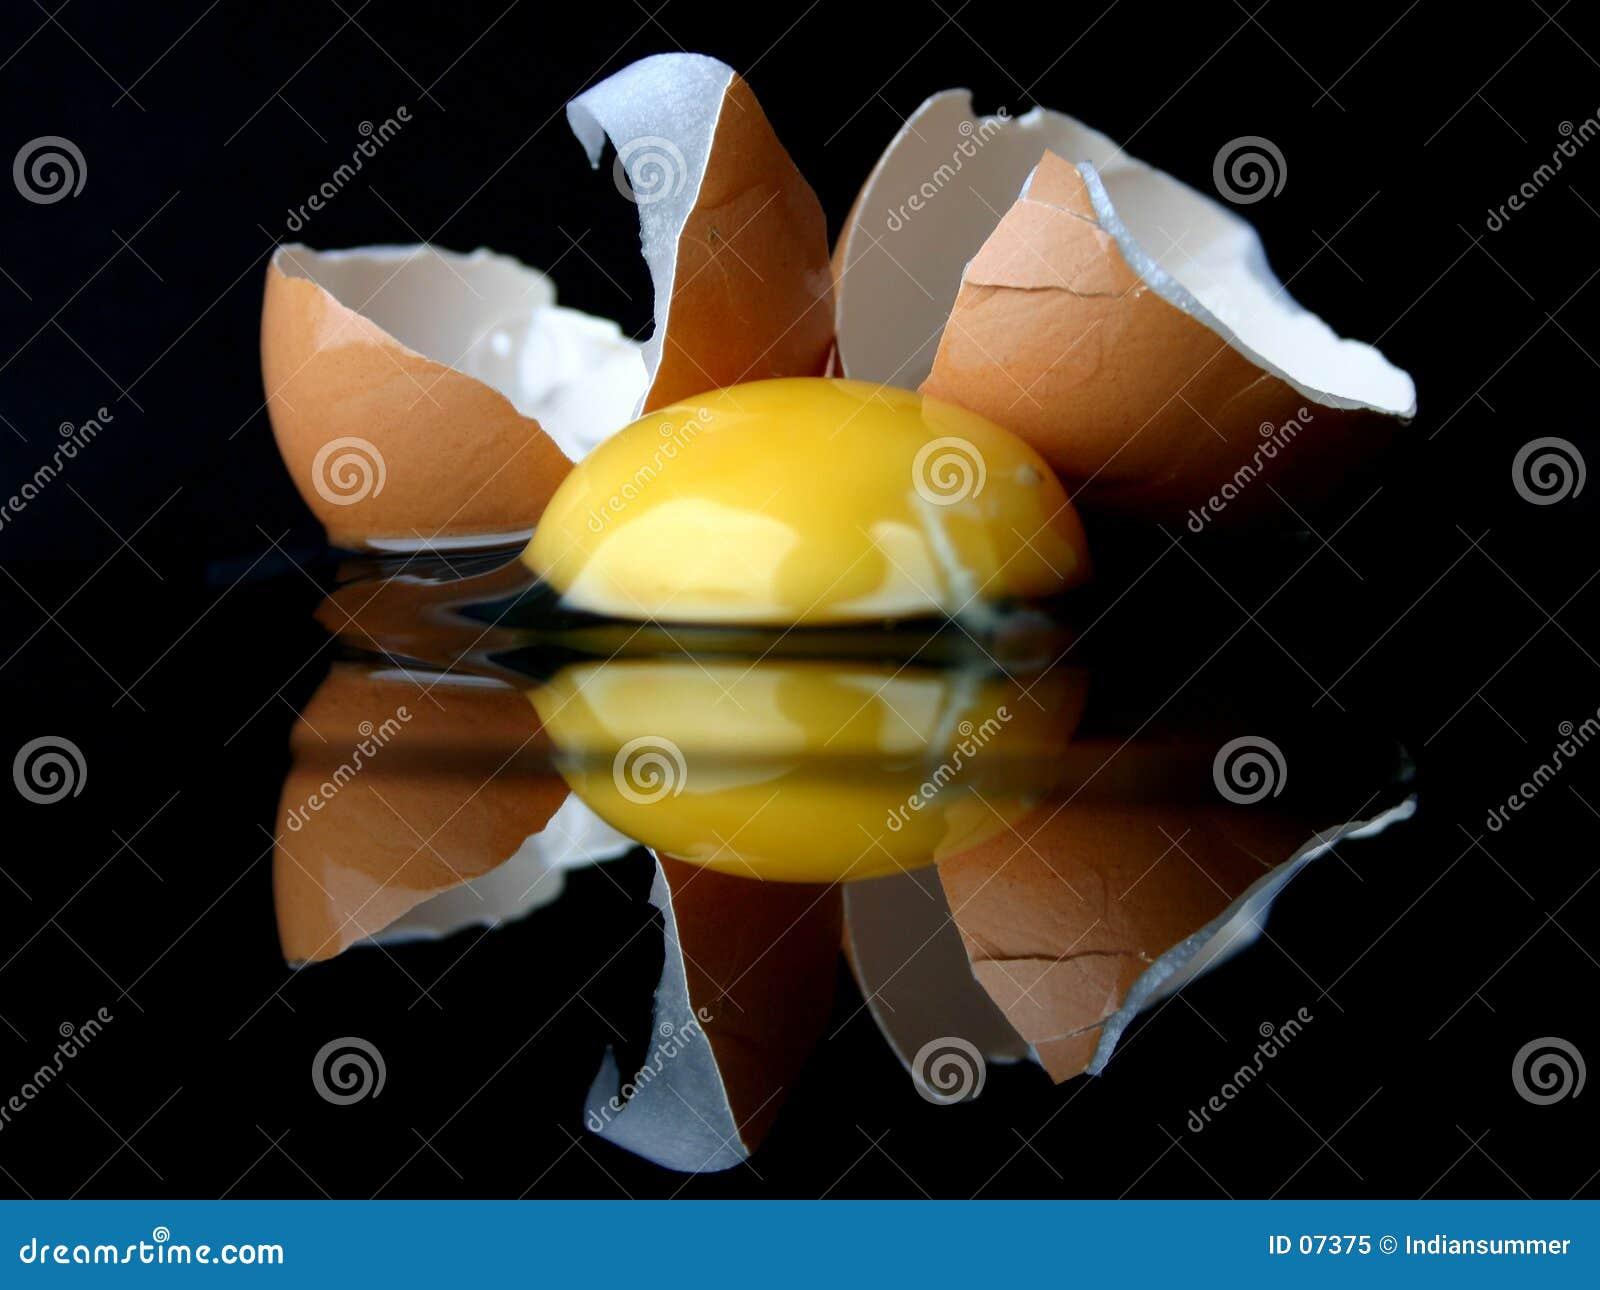 Still-life with a broken egg III